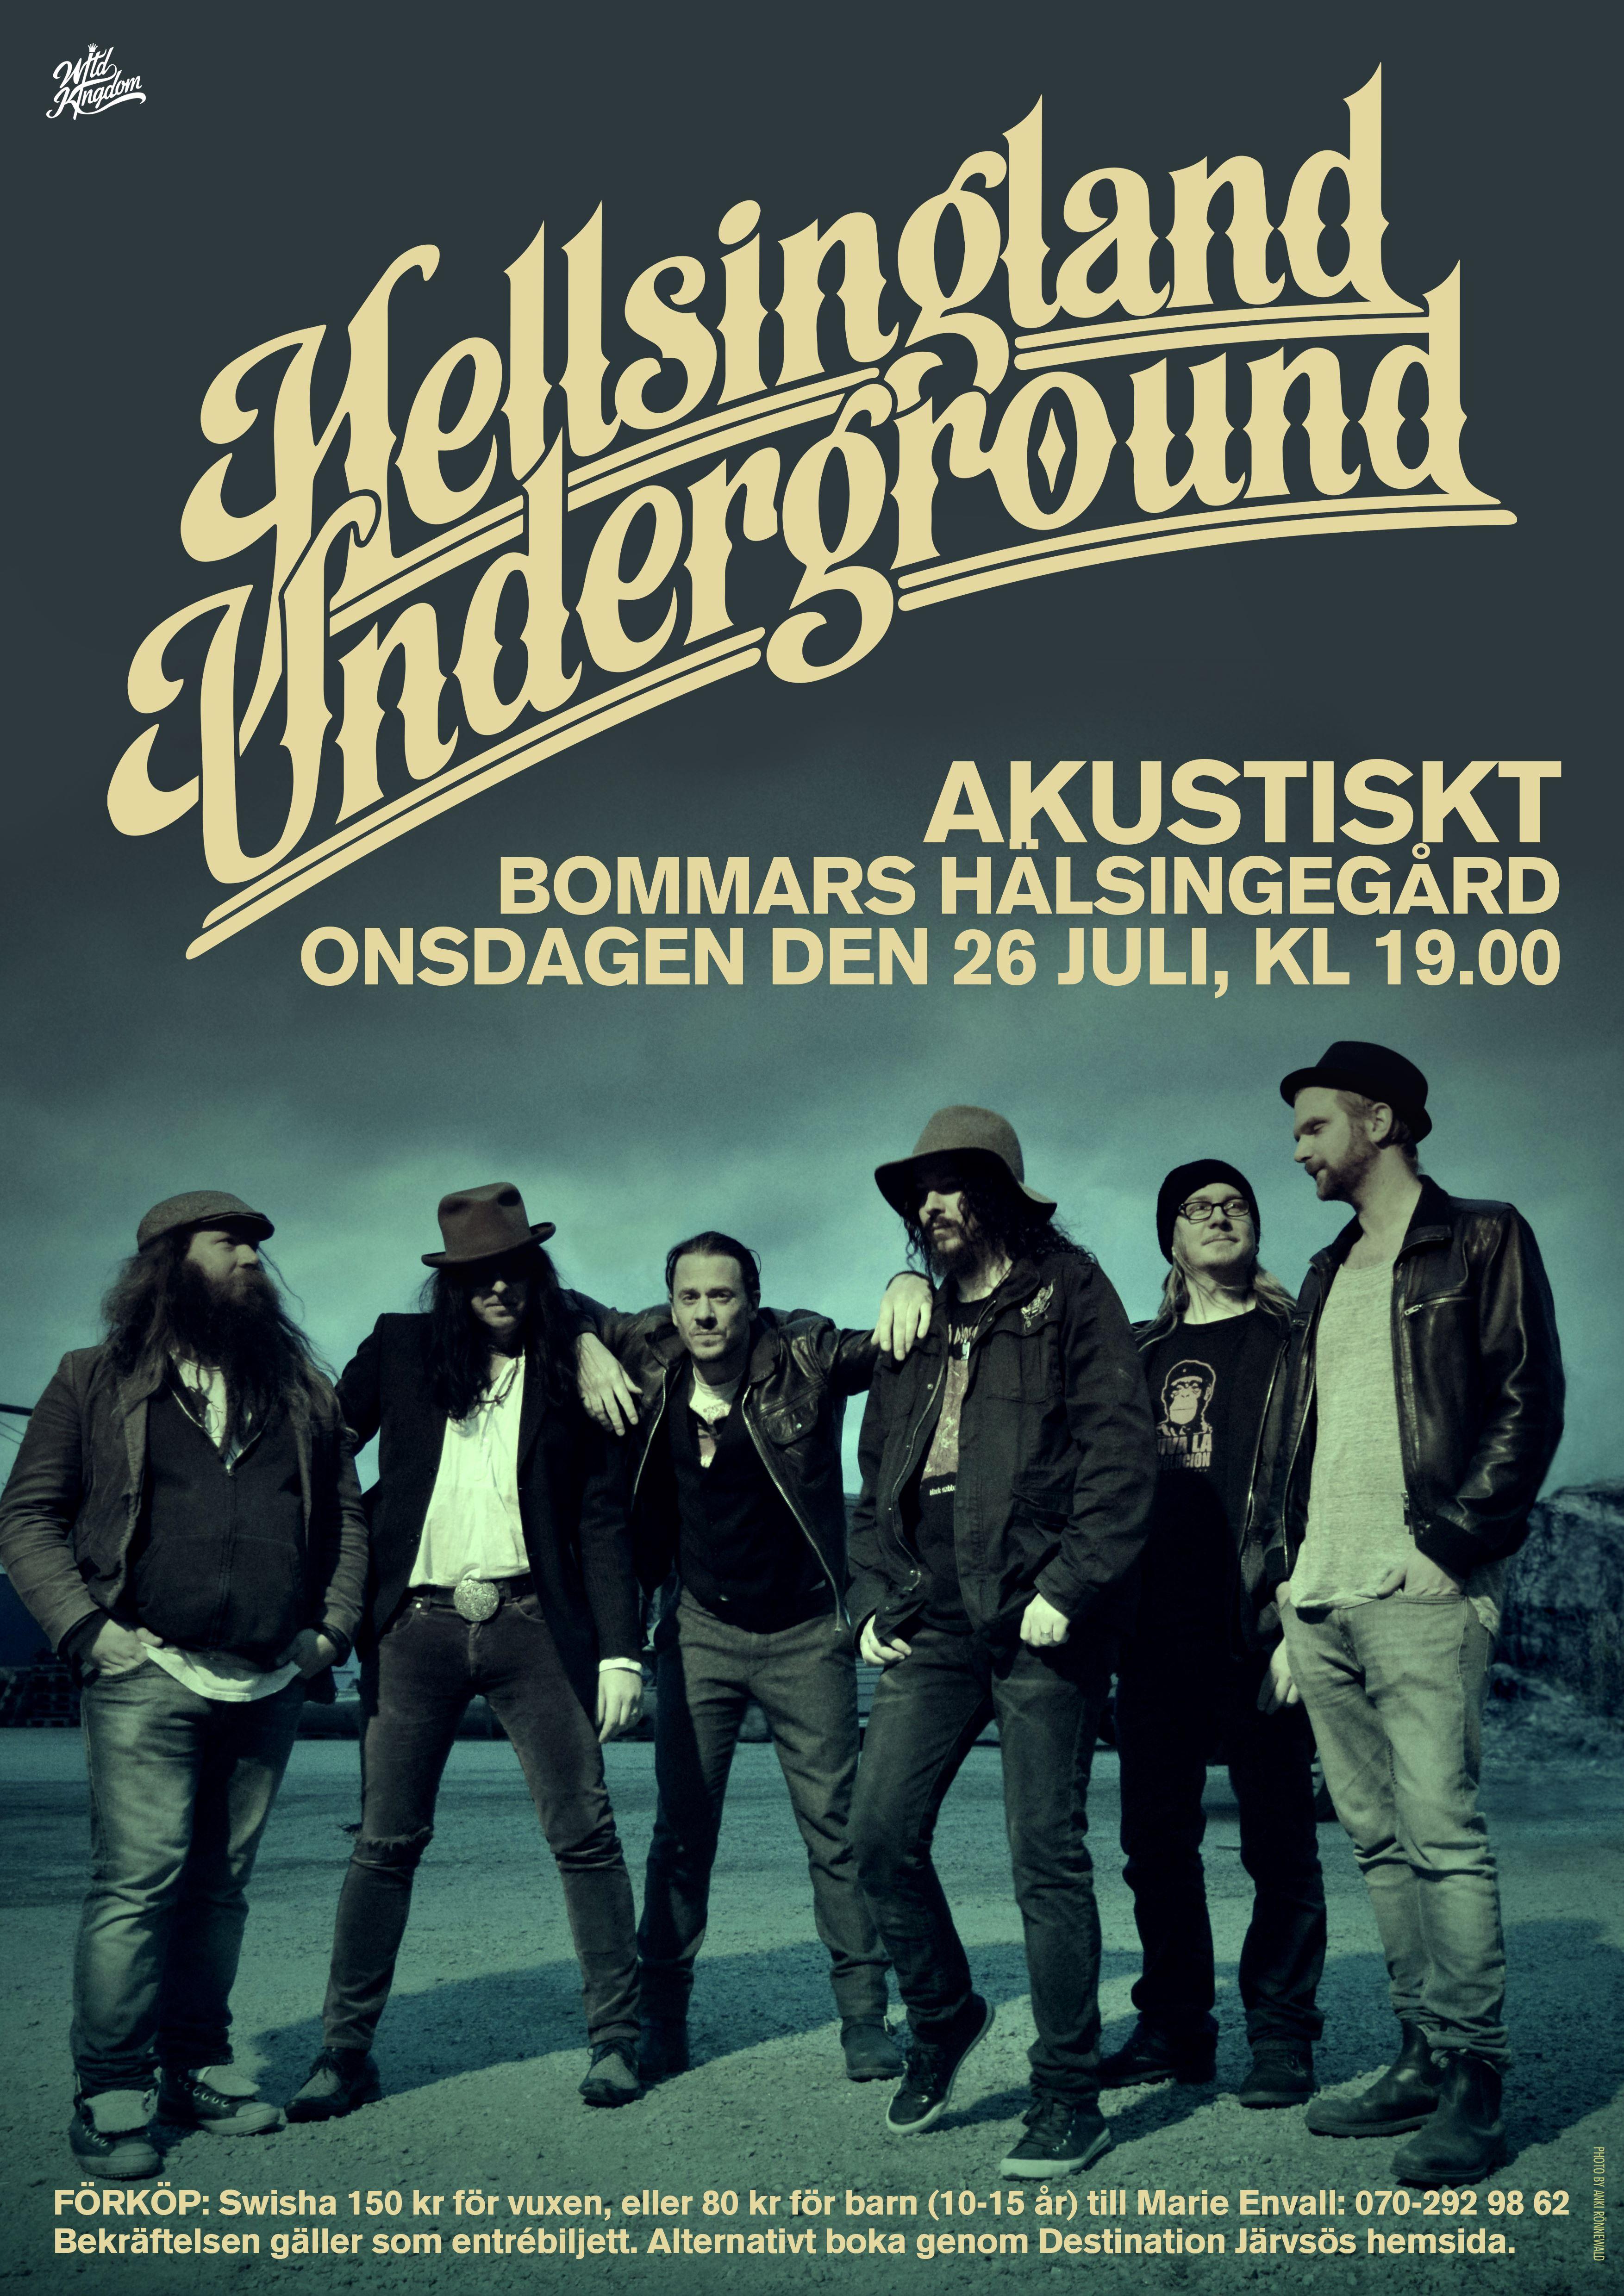 Konsert med Hellsingland Underground